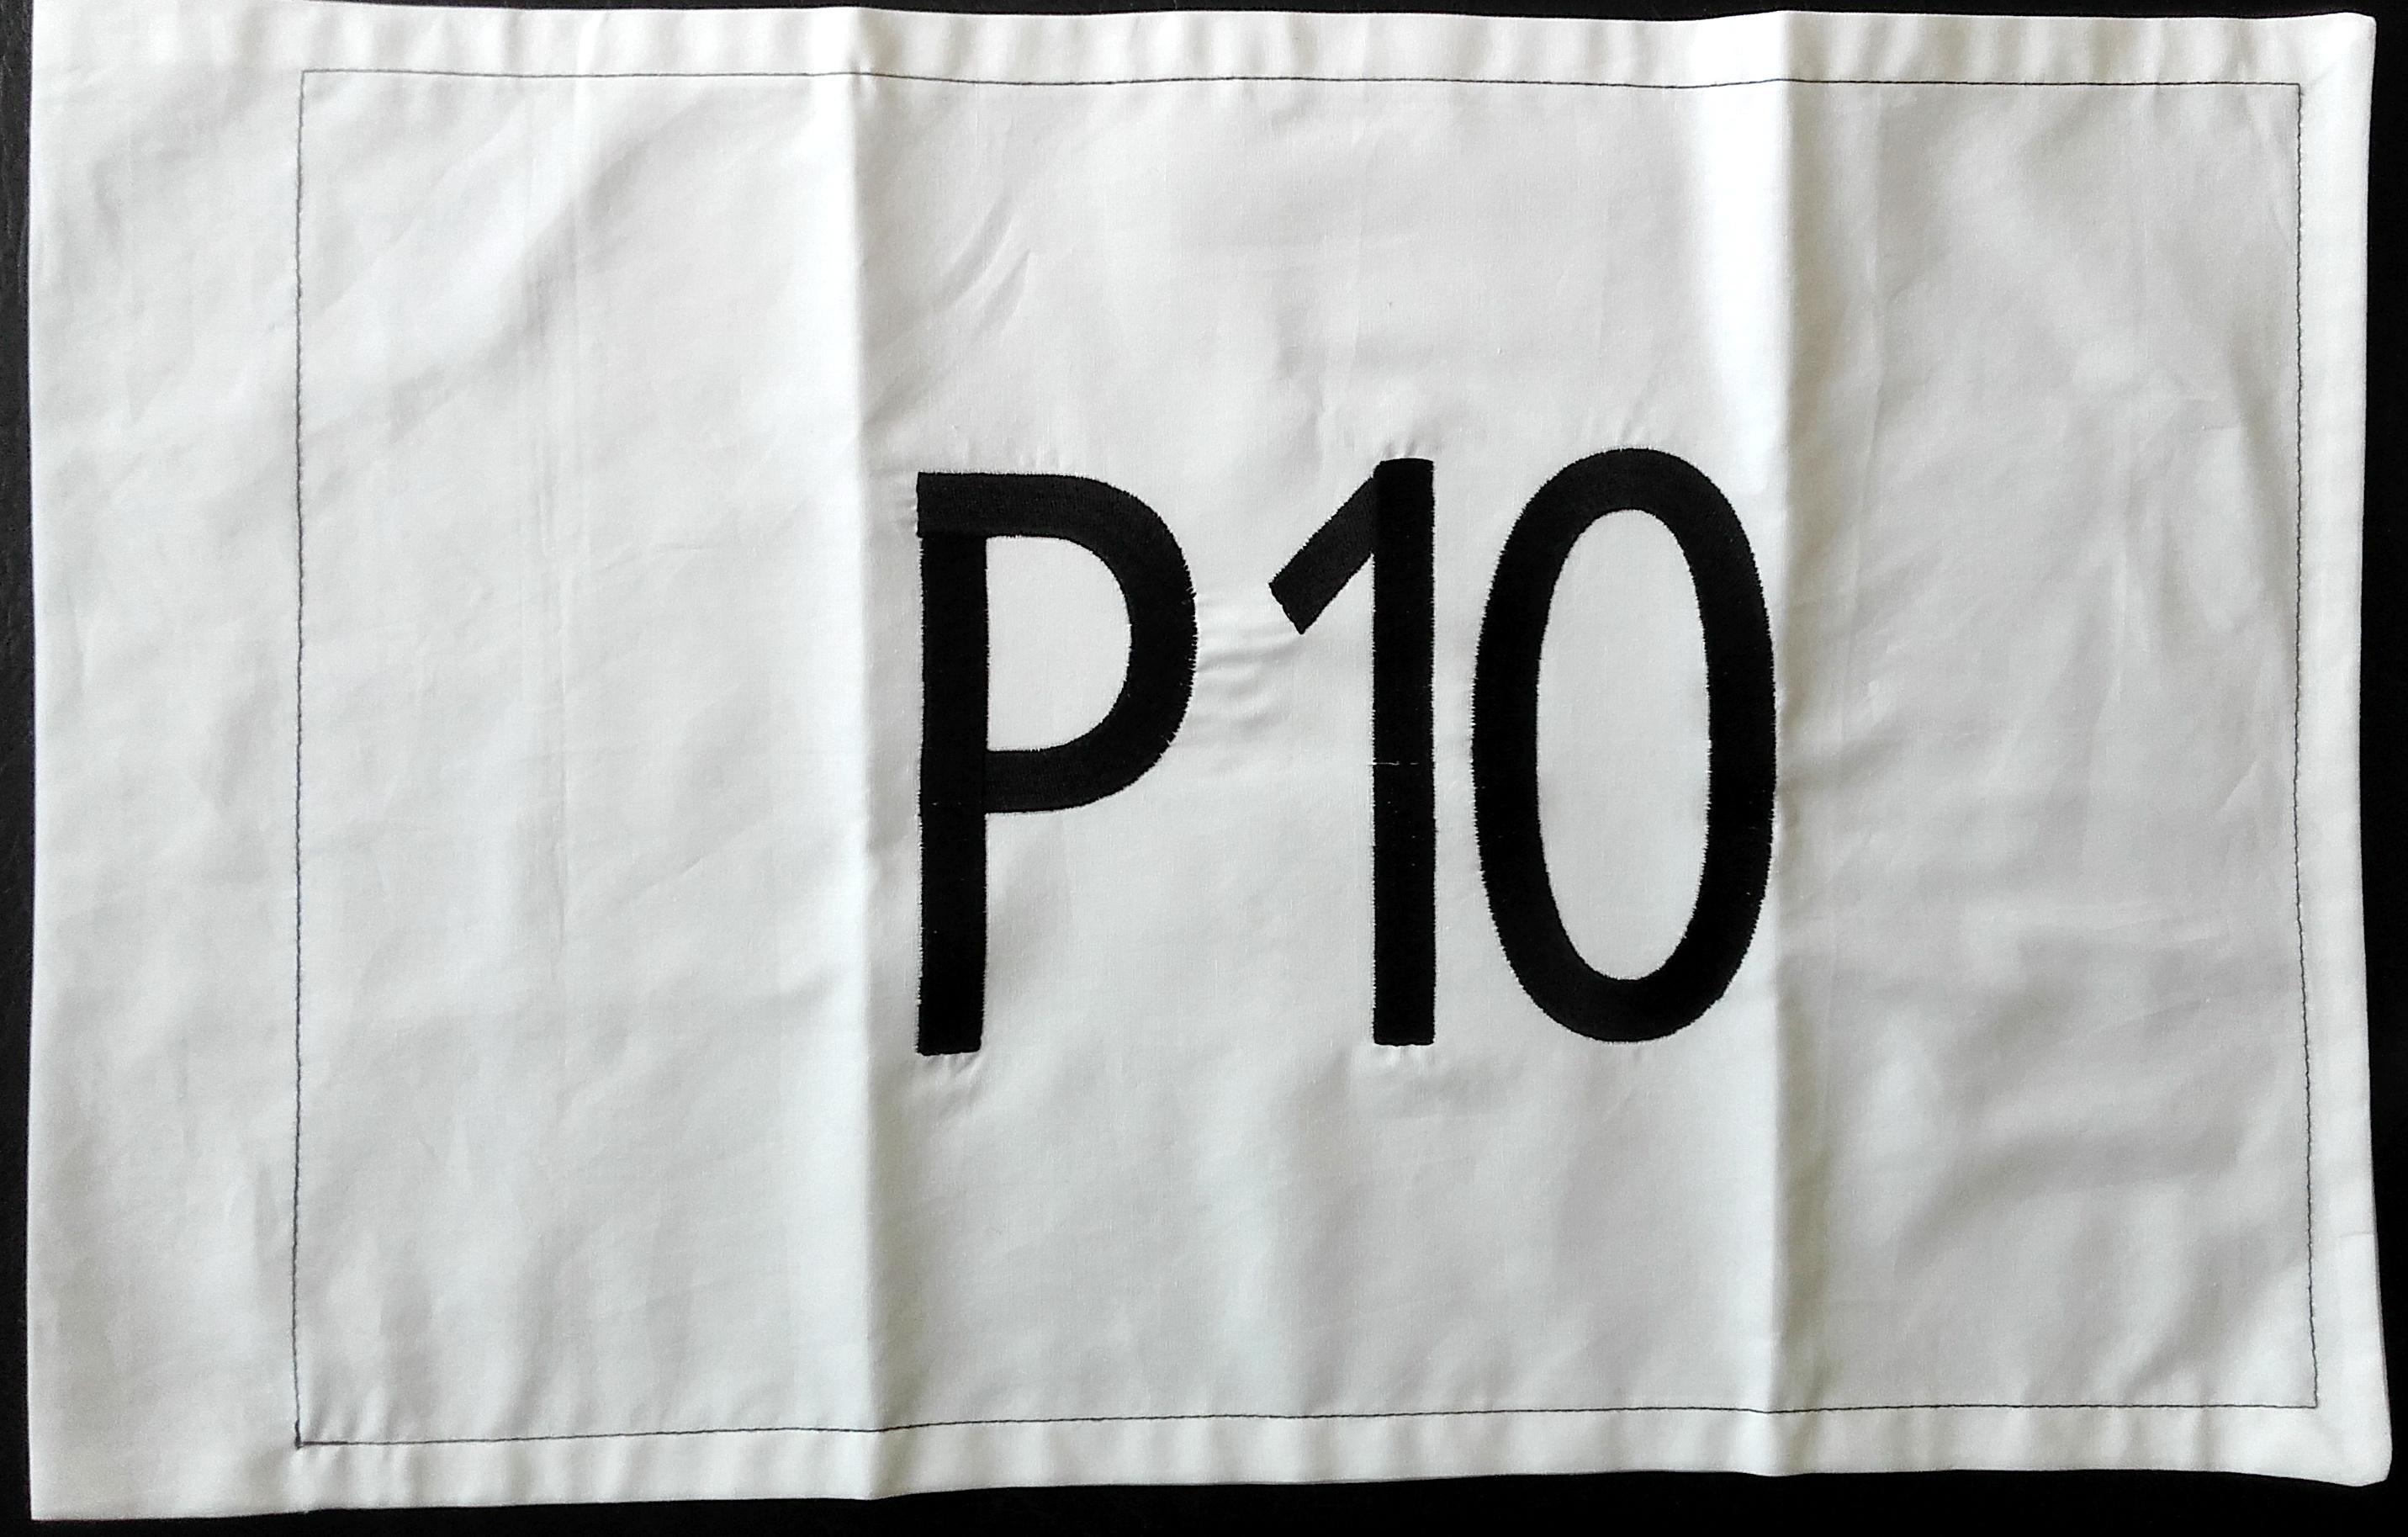 REMISE DU FANION DE LA P150 À LA GARDE DE L'AETA 7